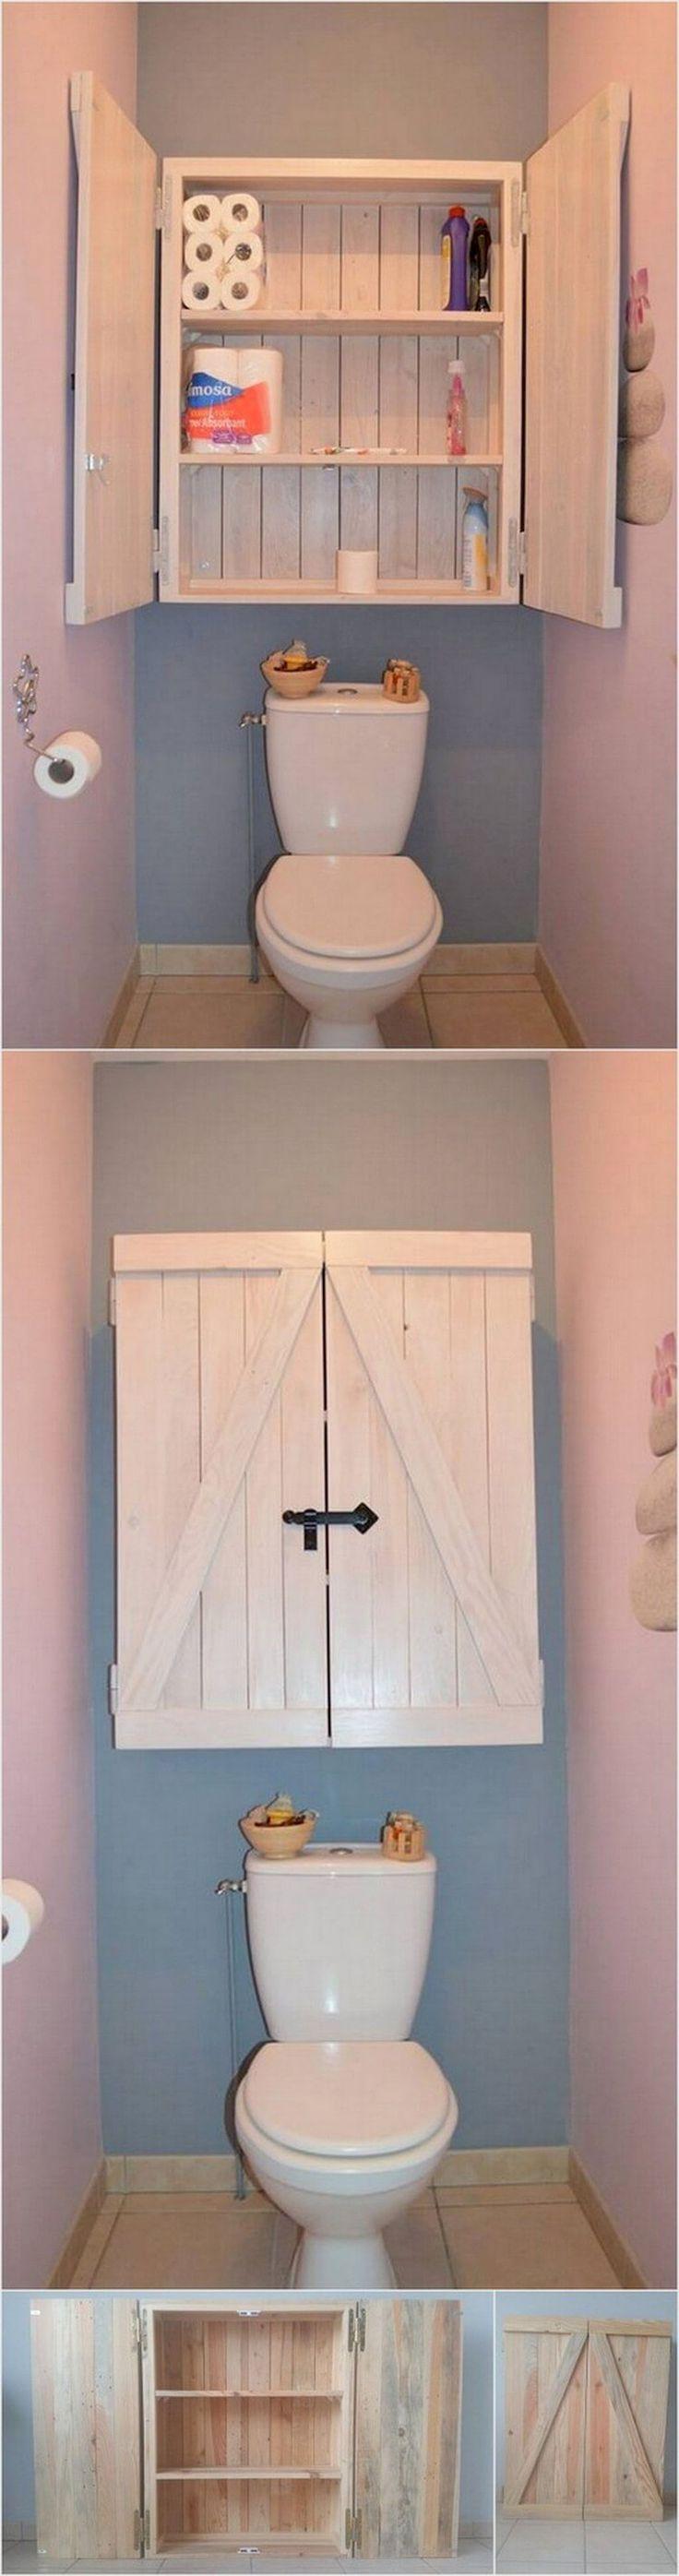 Best 25+ Pool house bathroom ideas on Pinterest | Pool ...